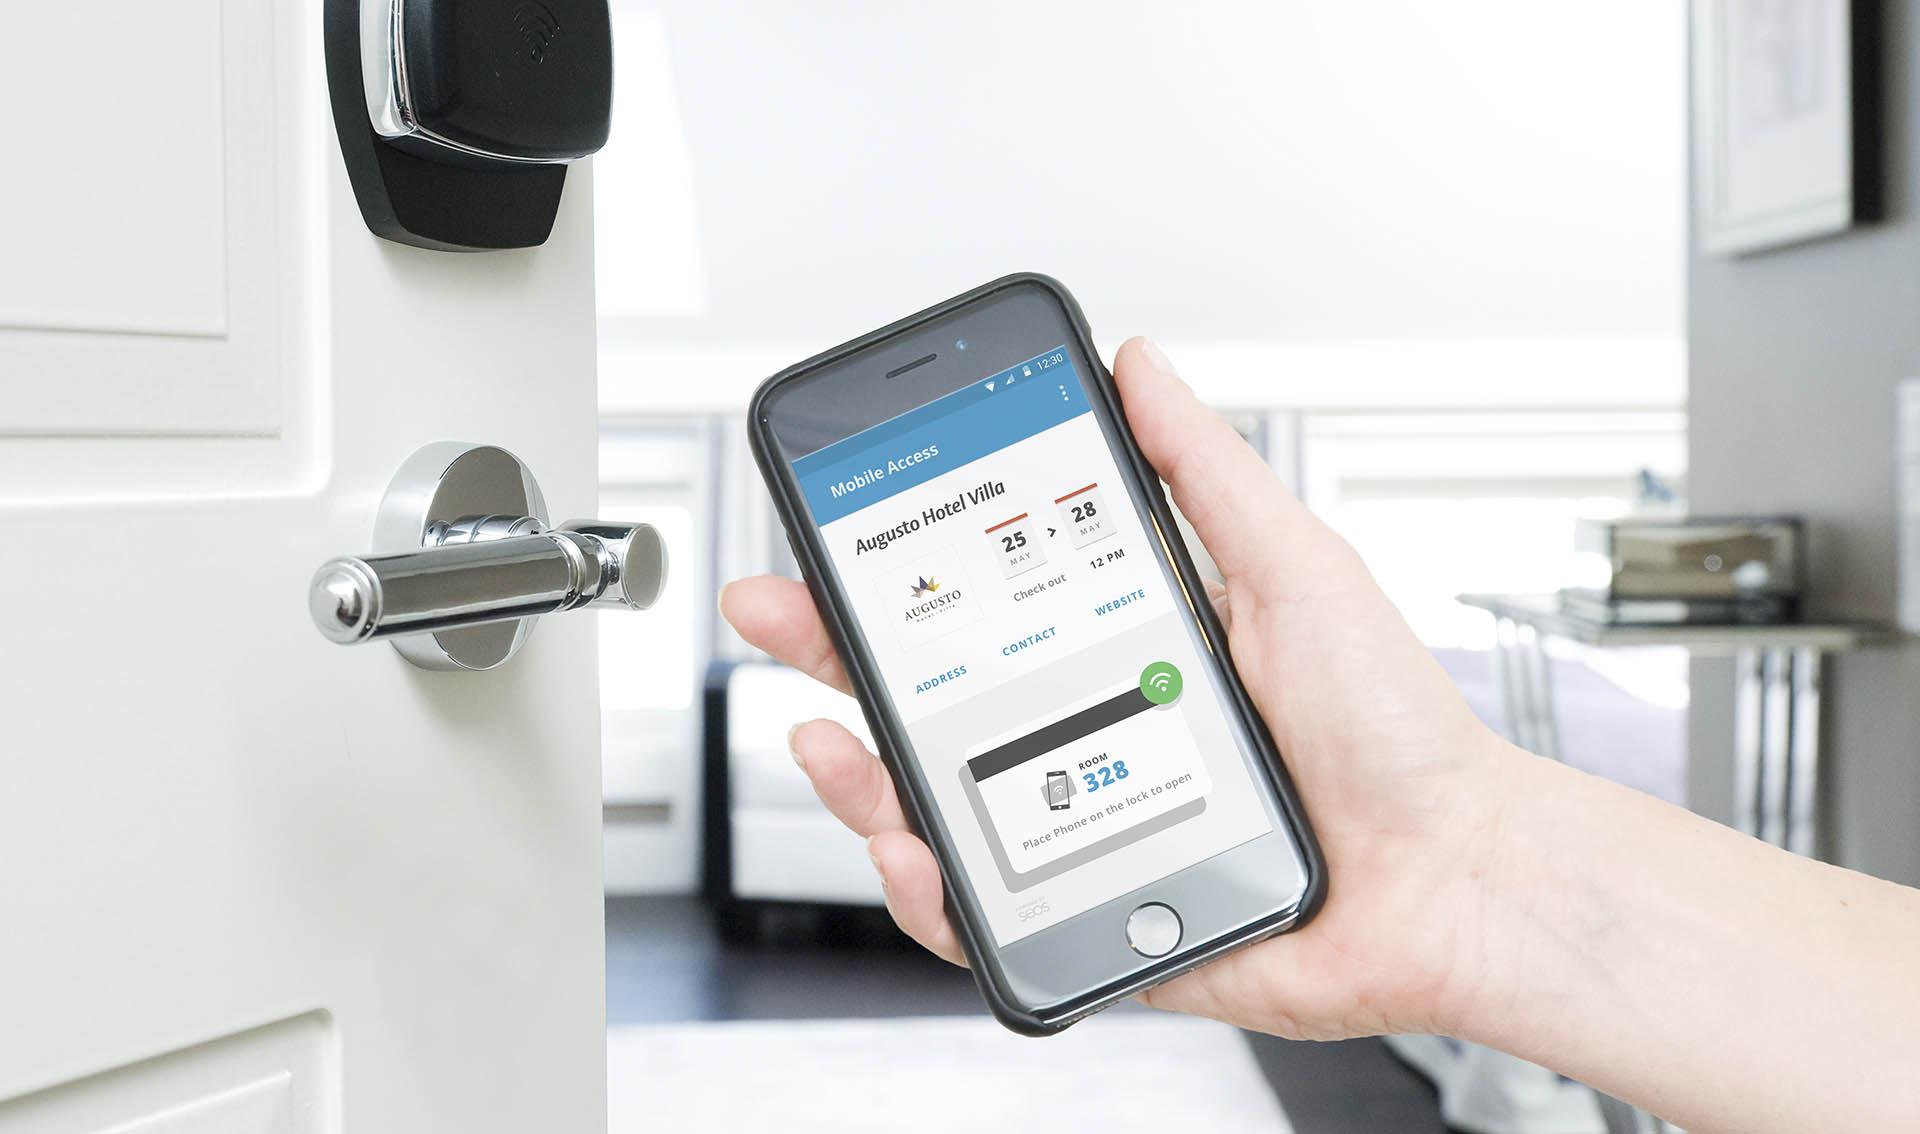 ASSA ABLOY Hospitality Mobile además de convertir tu celular en una llave te permite hacer las reservaciones de hotel. Doble Lllave